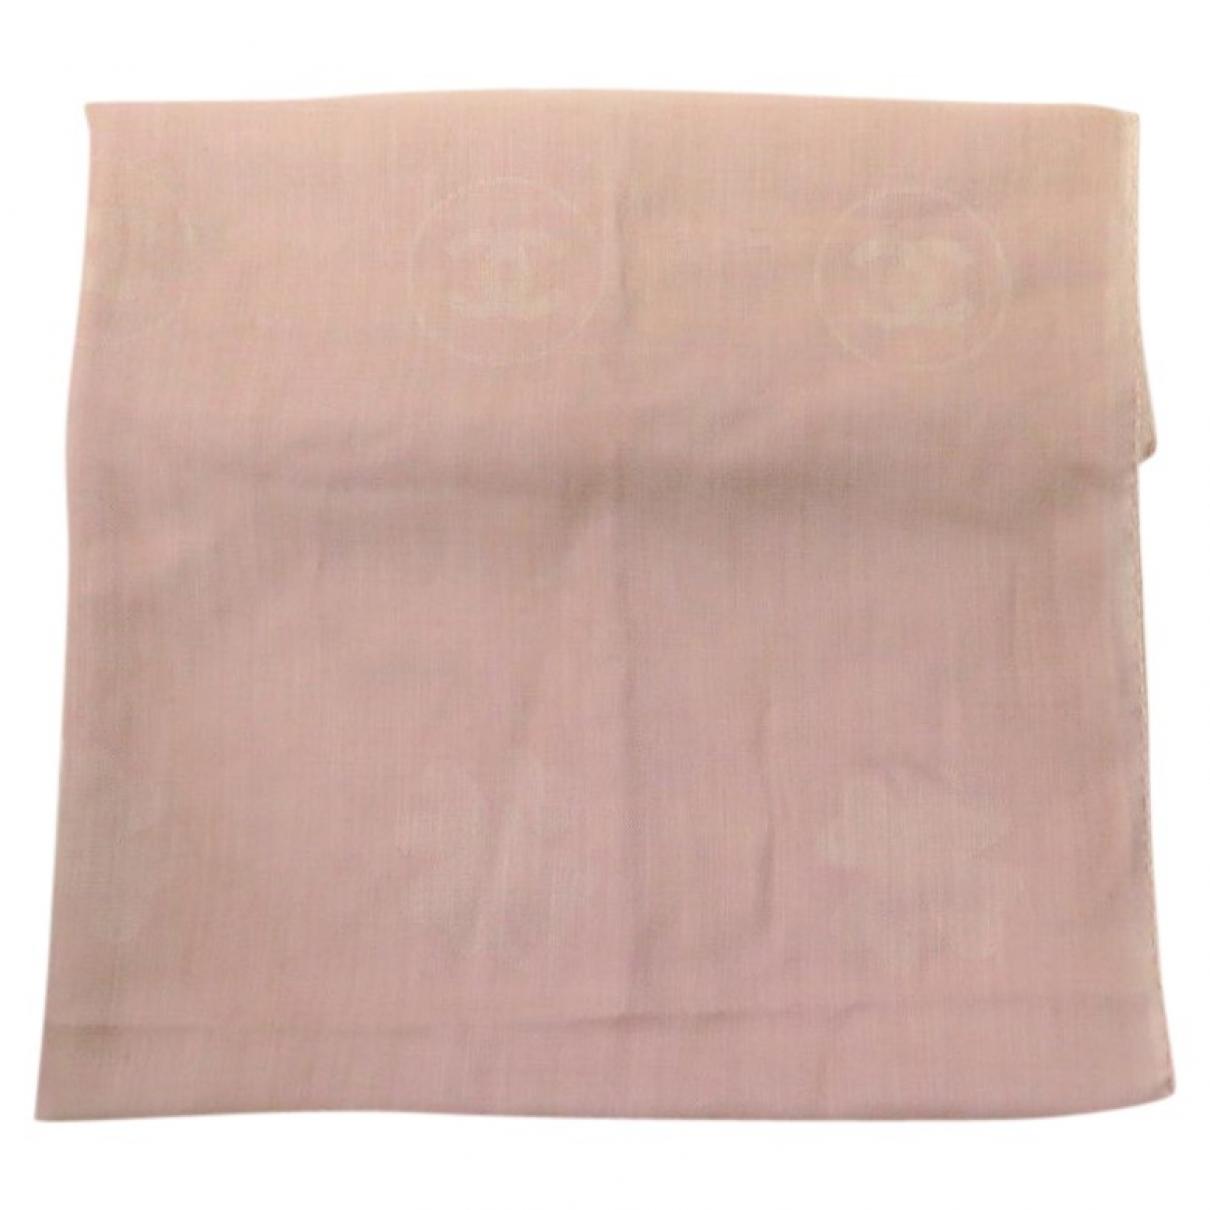 Chanel - Foulard   pour femme en cachemire - rose